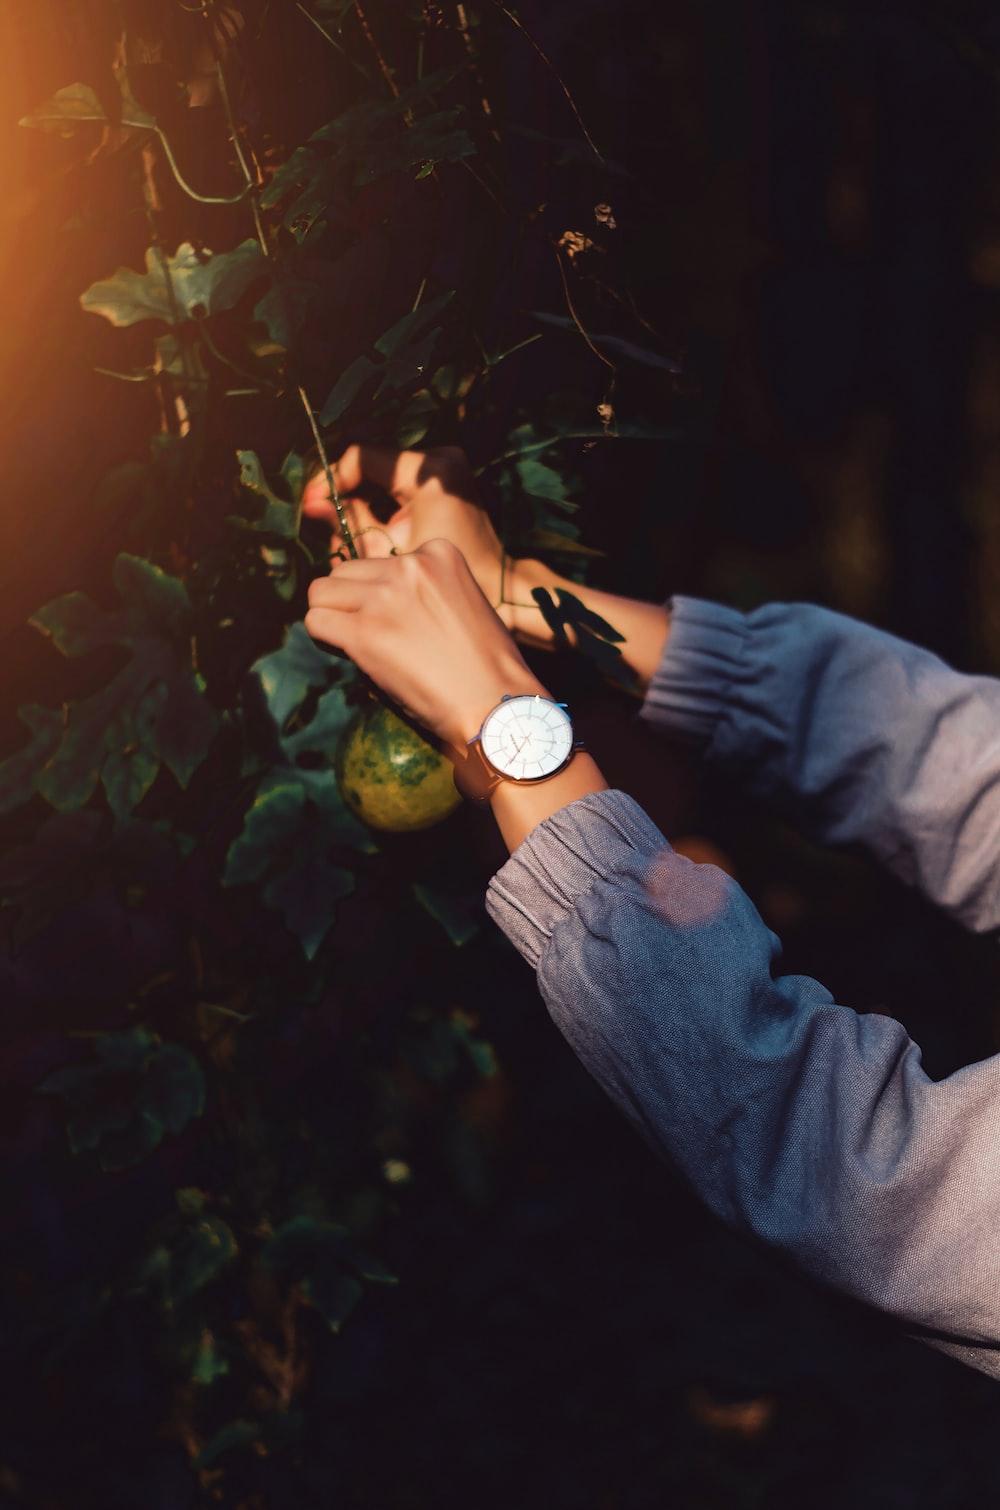 person wearing white watch picking green fruit